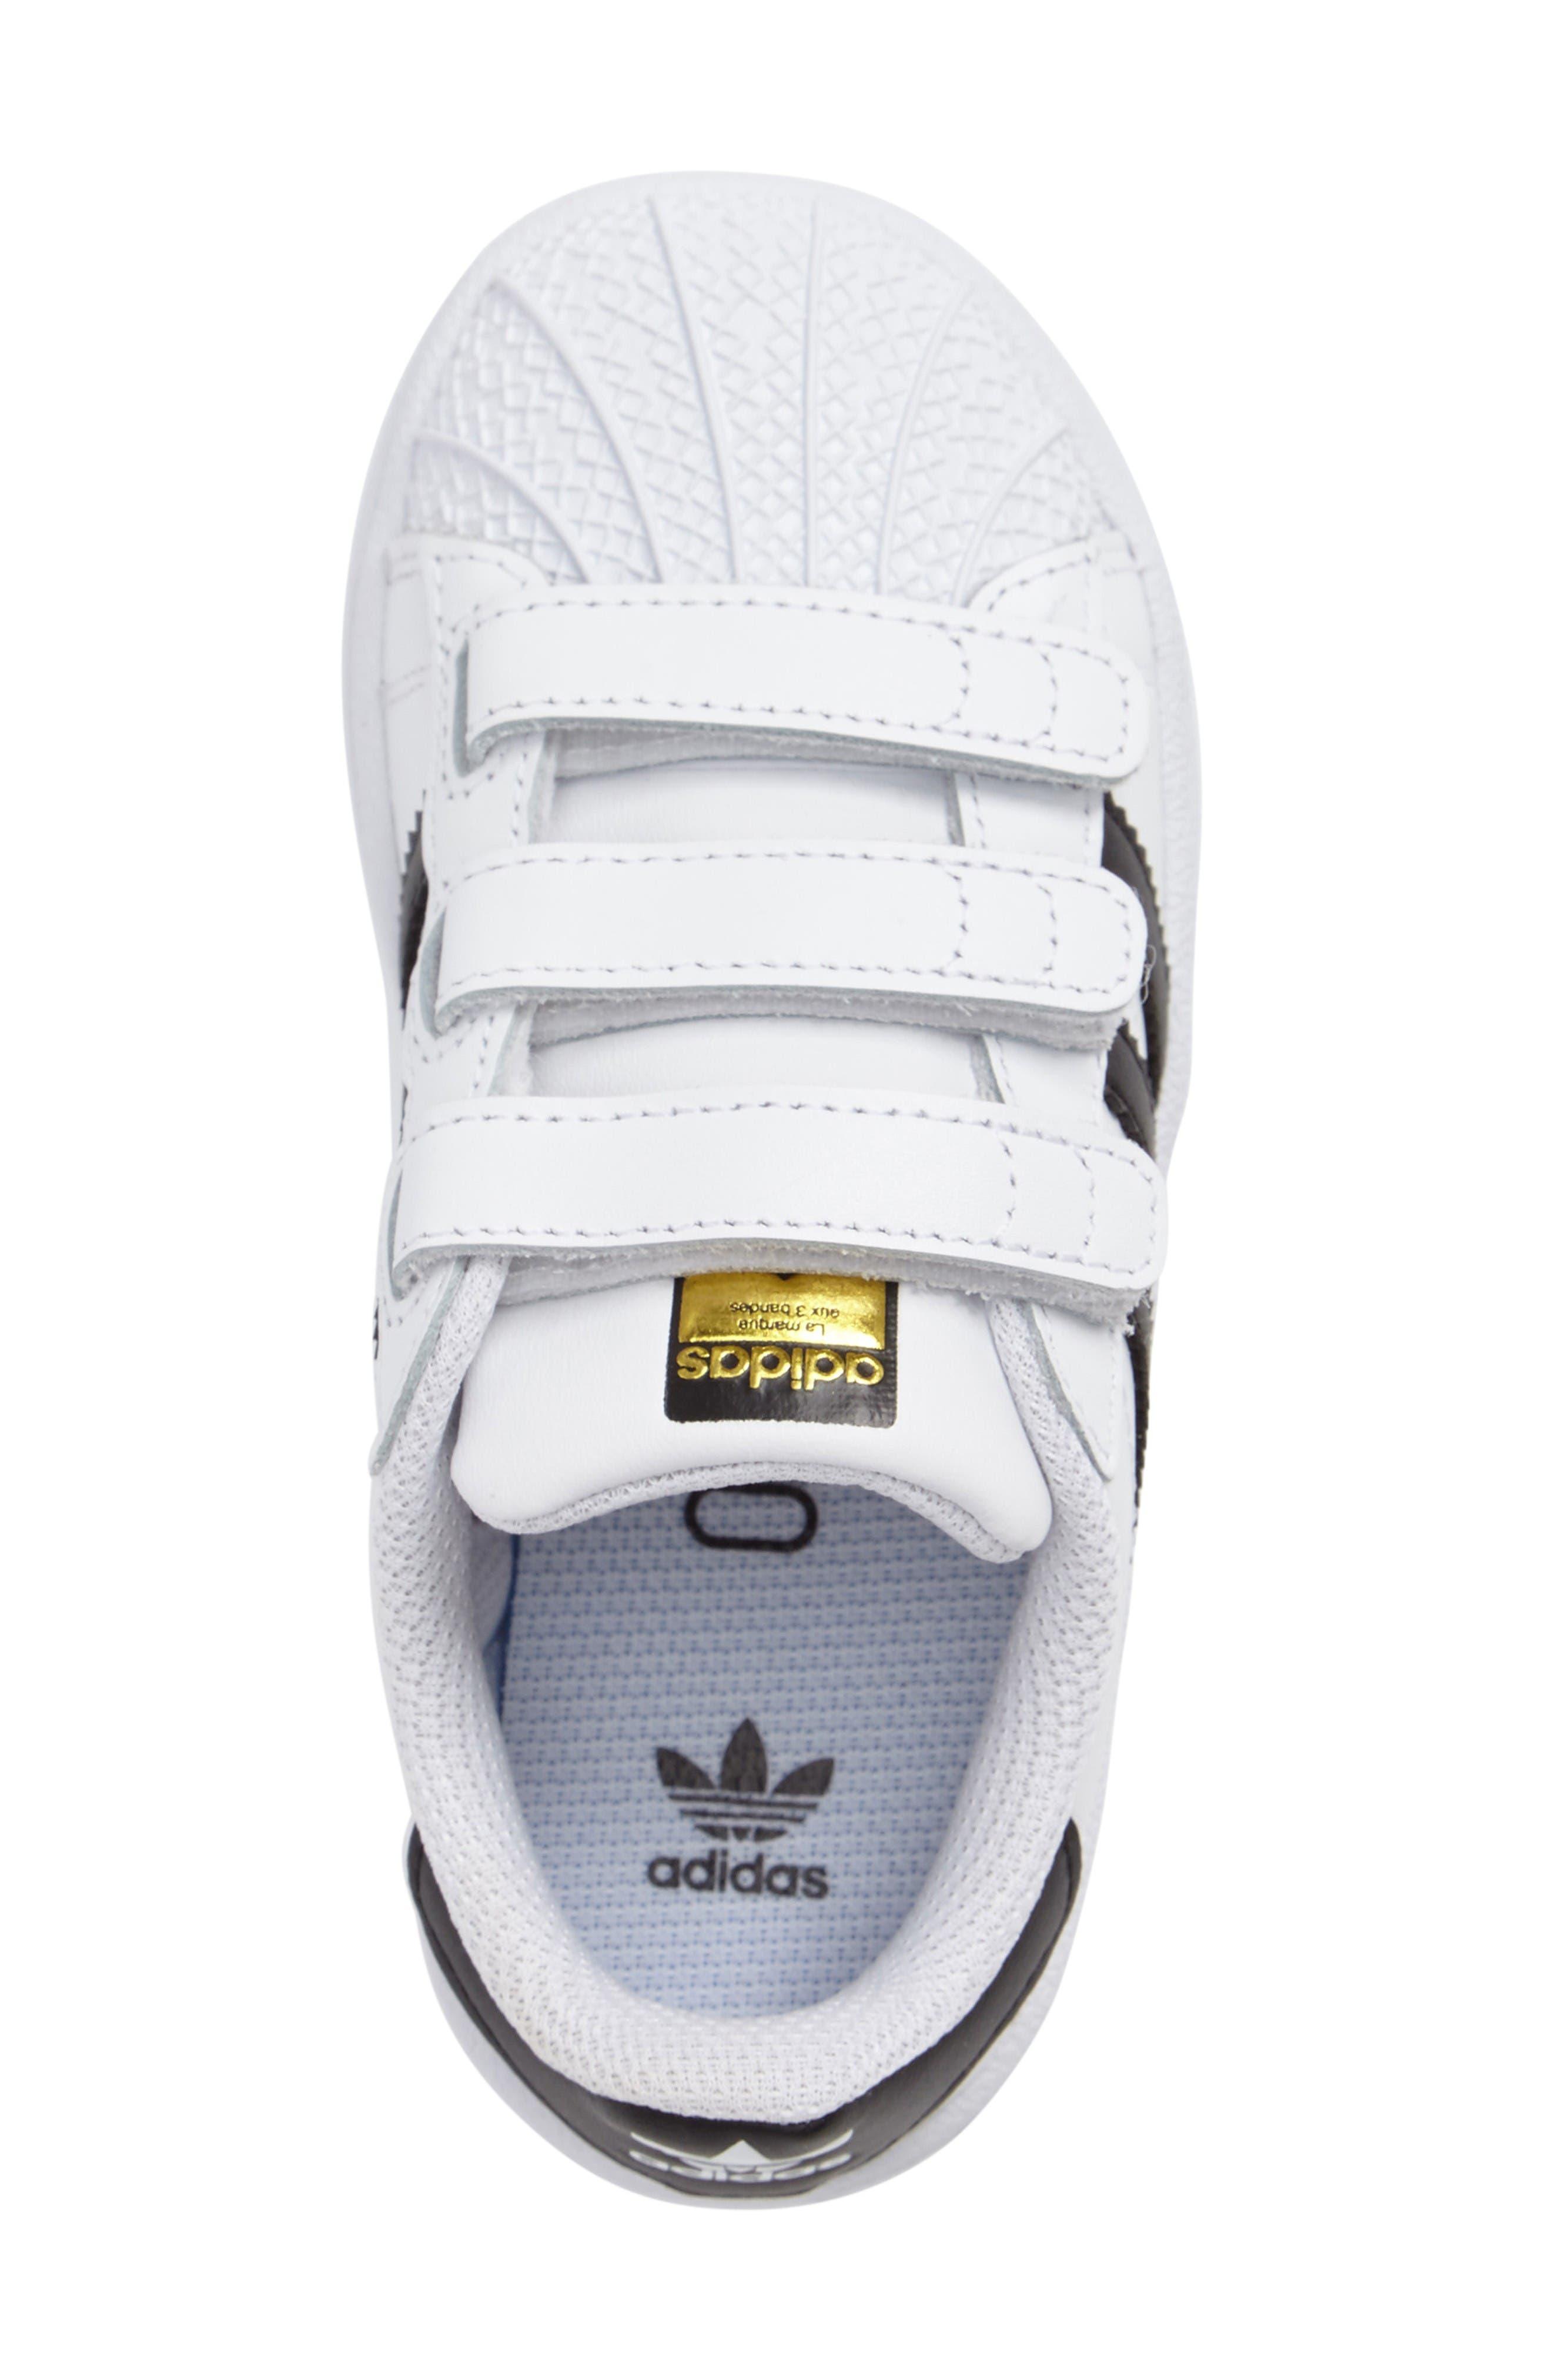 Superstar Foundation Sneaker,                             Alternate thumbnail 3, color,                             White/ Core Black/ White